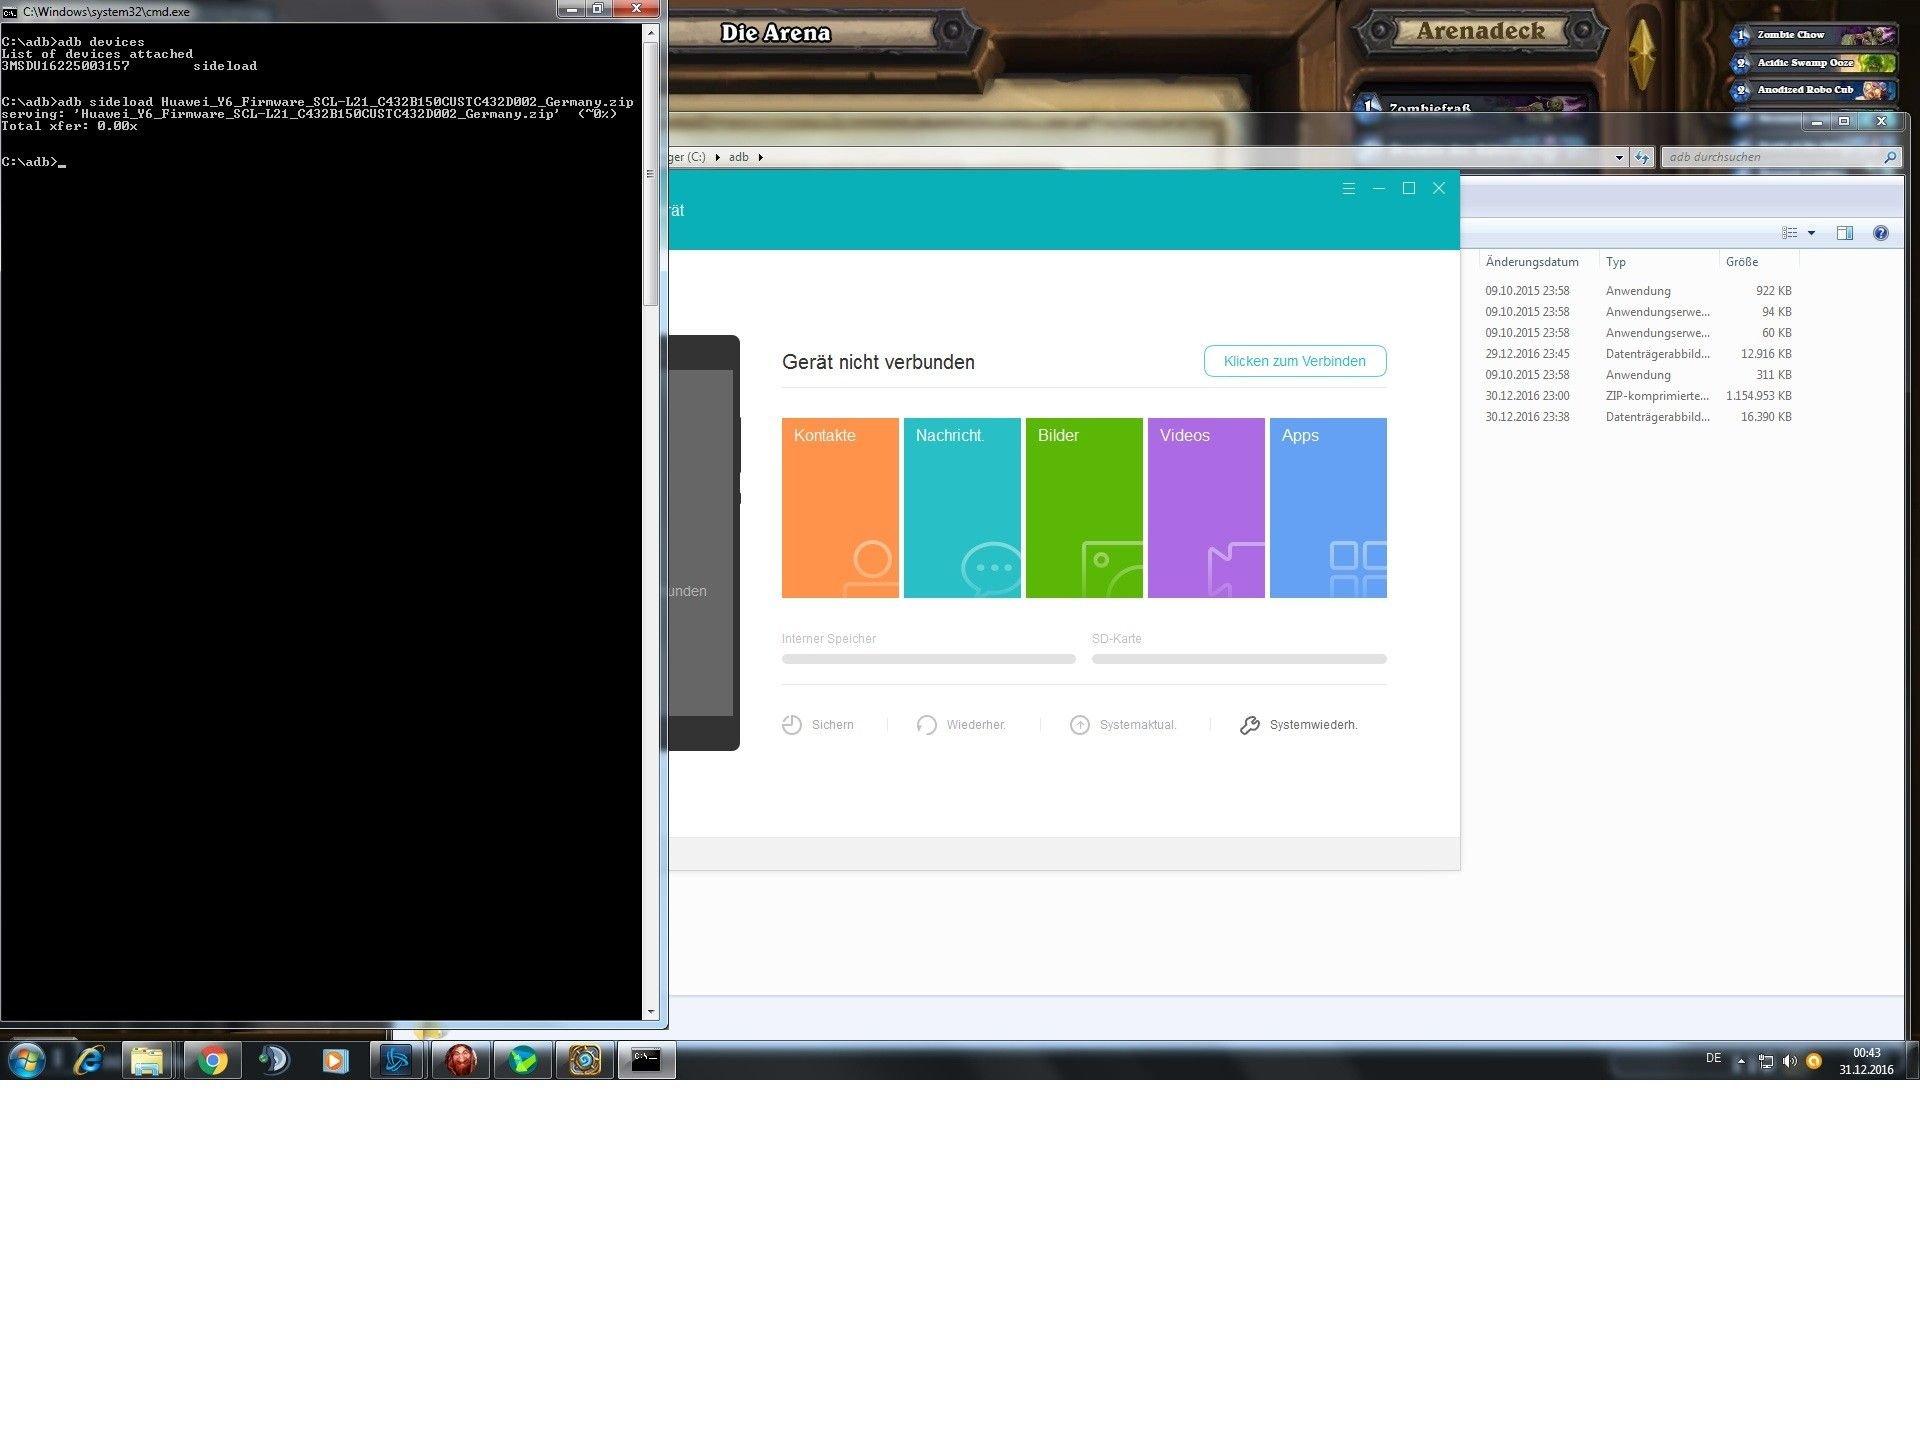 Neues OS aufspielen - Root / Custom-ROMs / Modding für Huawei Y6